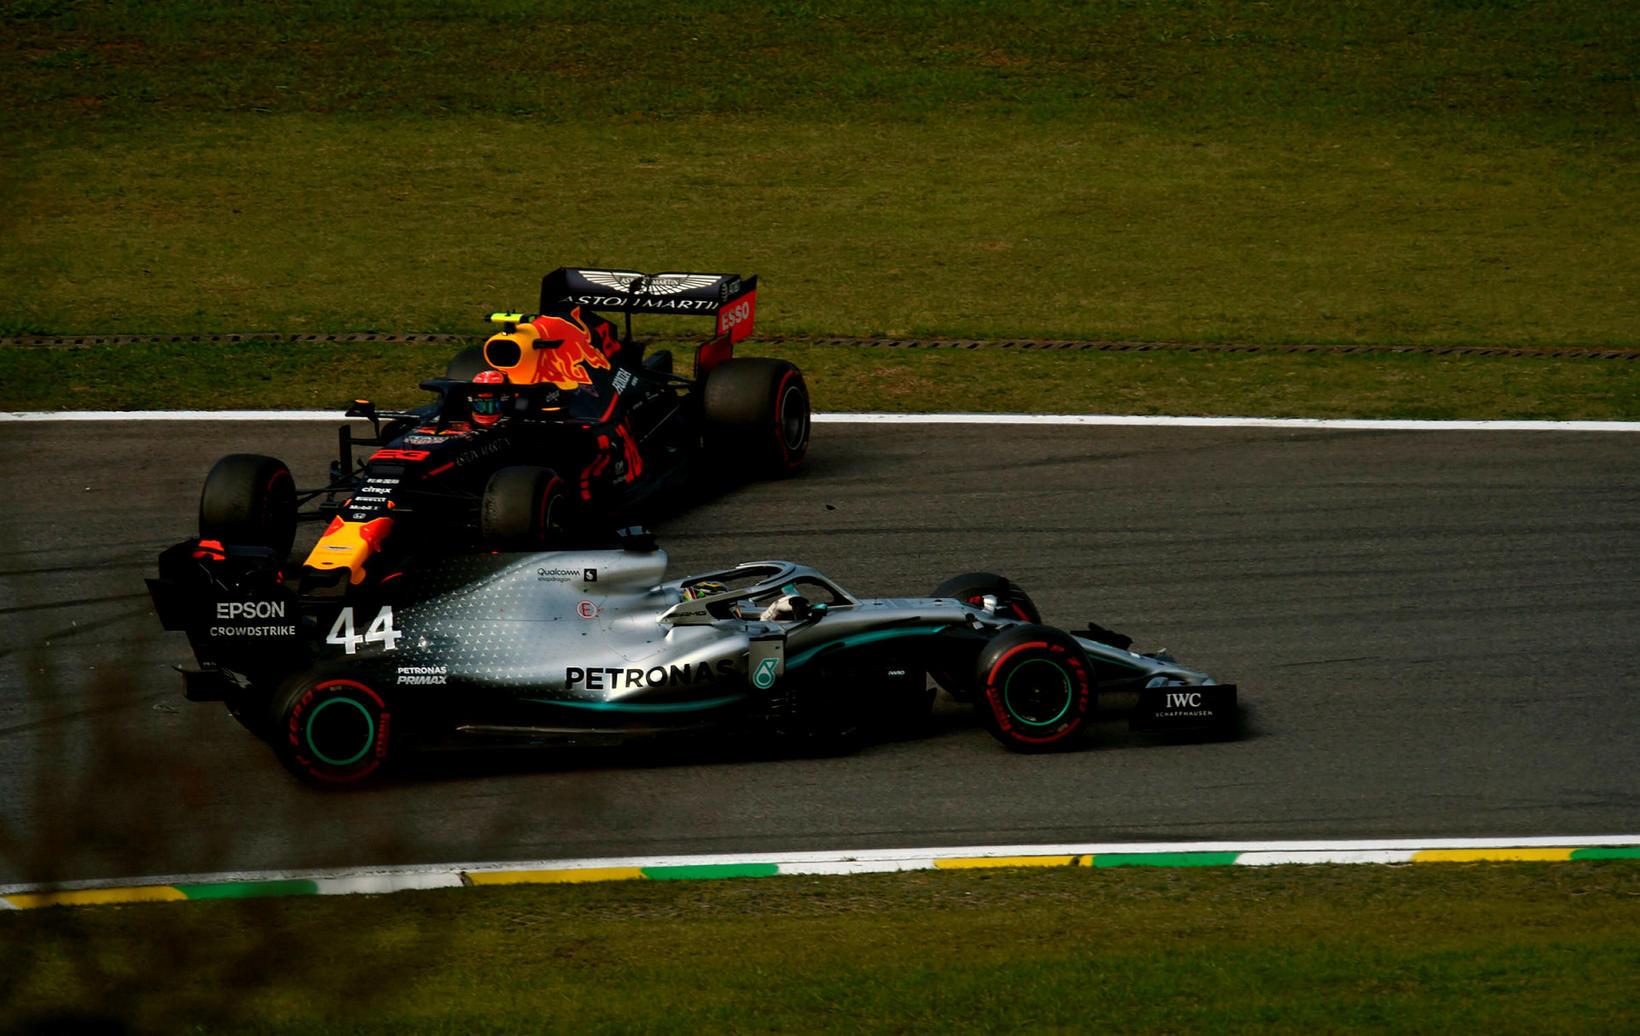 Klaufaleg tilraun Lewis Hamilton á Mercedes til að komast fram …